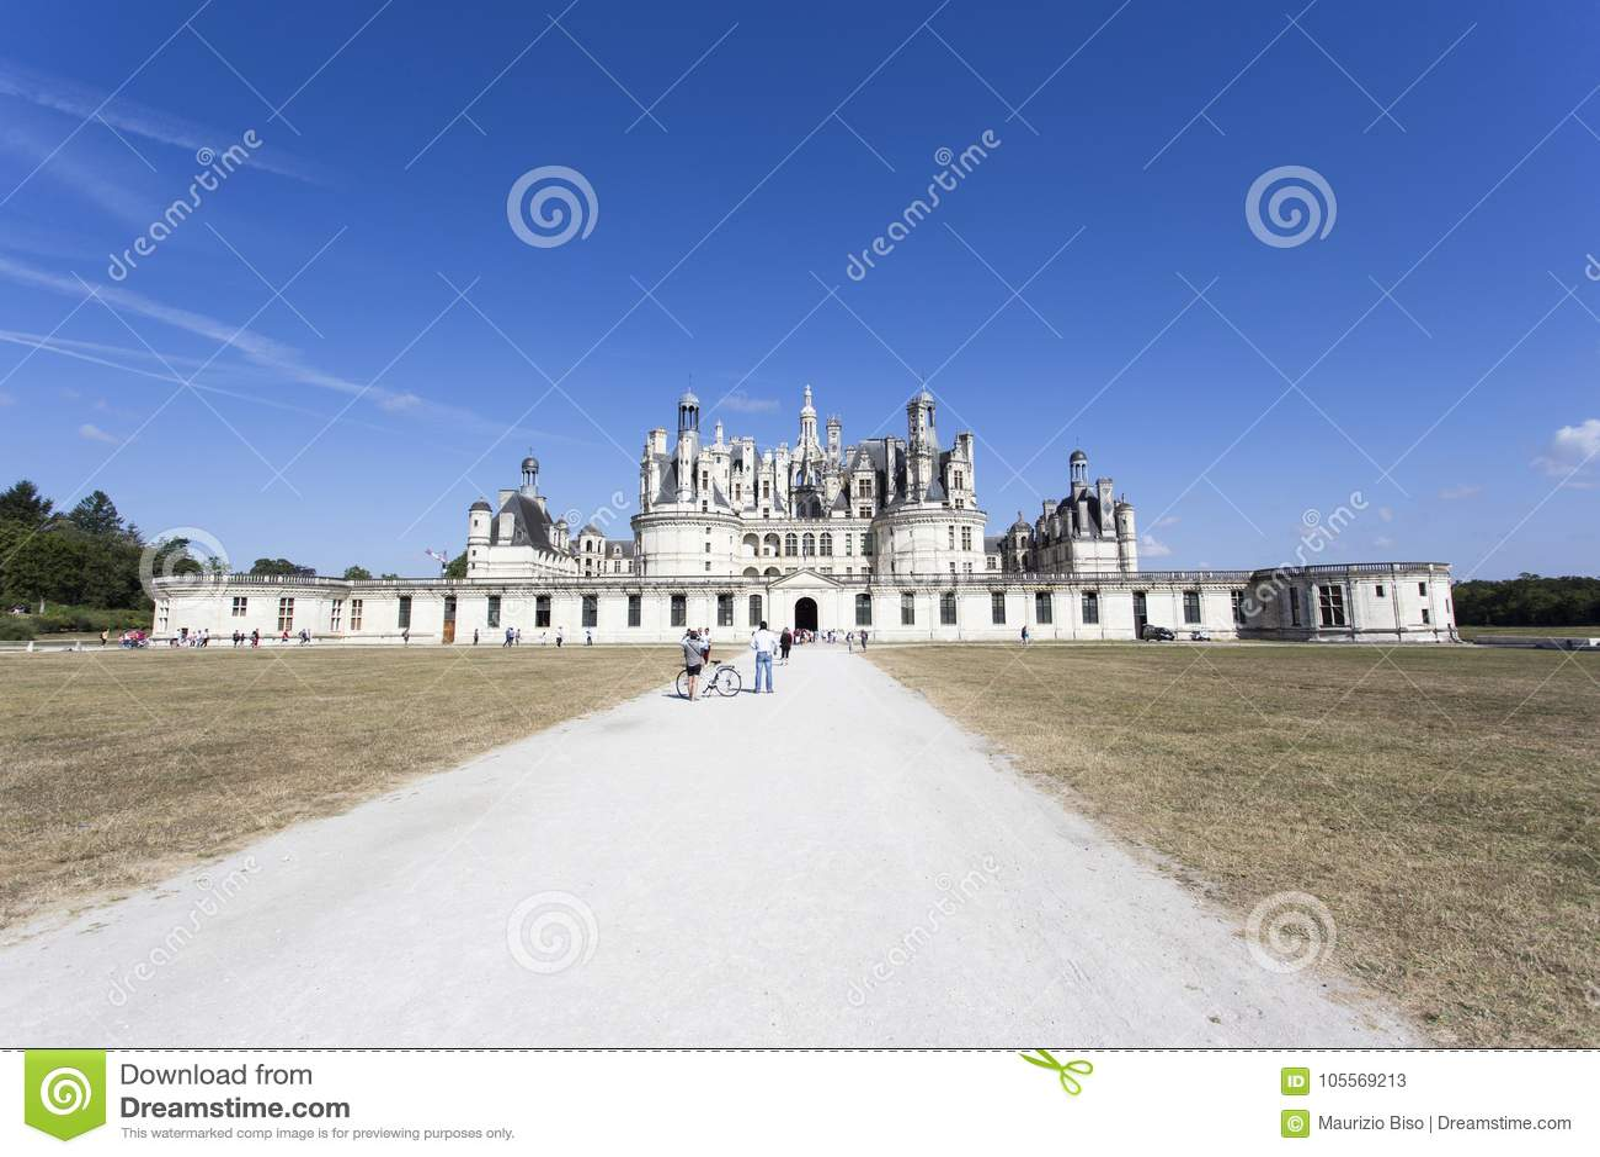 Königliche Chateau de Chambord bei Chambord